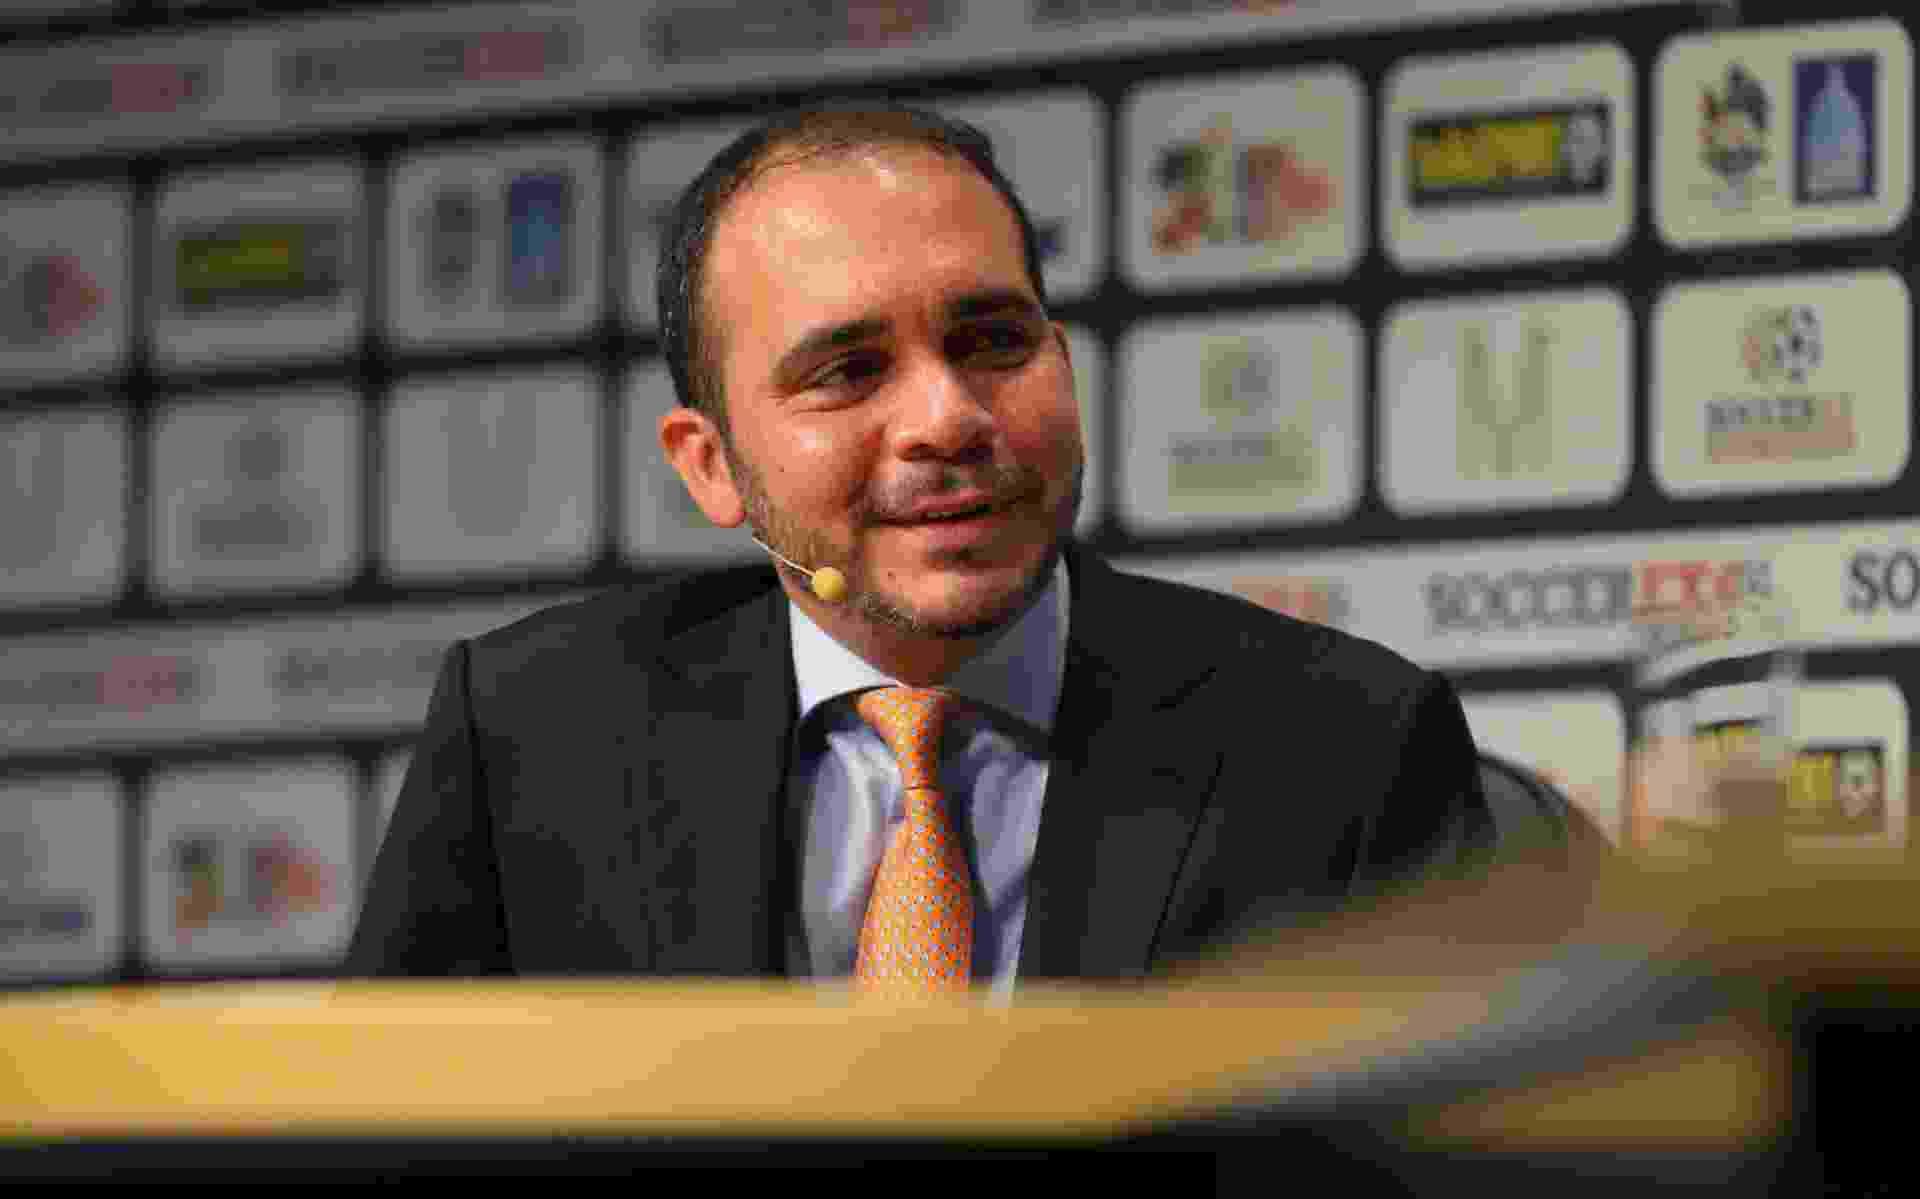 Príncipe jordaniano Ali Bin Al-Hussein, rival de Joseph Blatter em eleição da Fifa - Dave Thompson/Getty Images